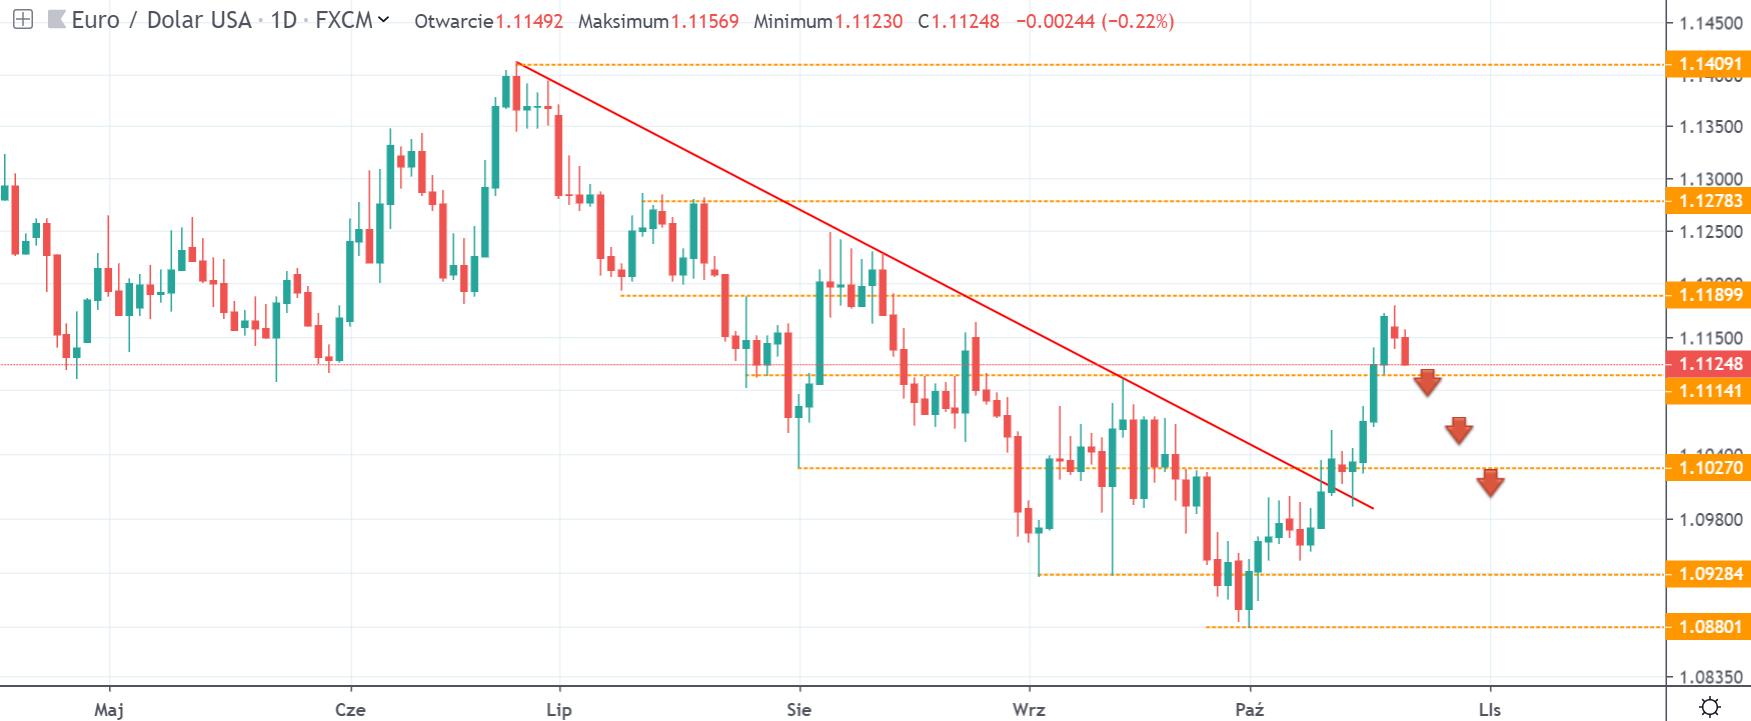 Kurs euro do dolara we wtorek na interwale dziennym źródło tradingview.com 22 10 19